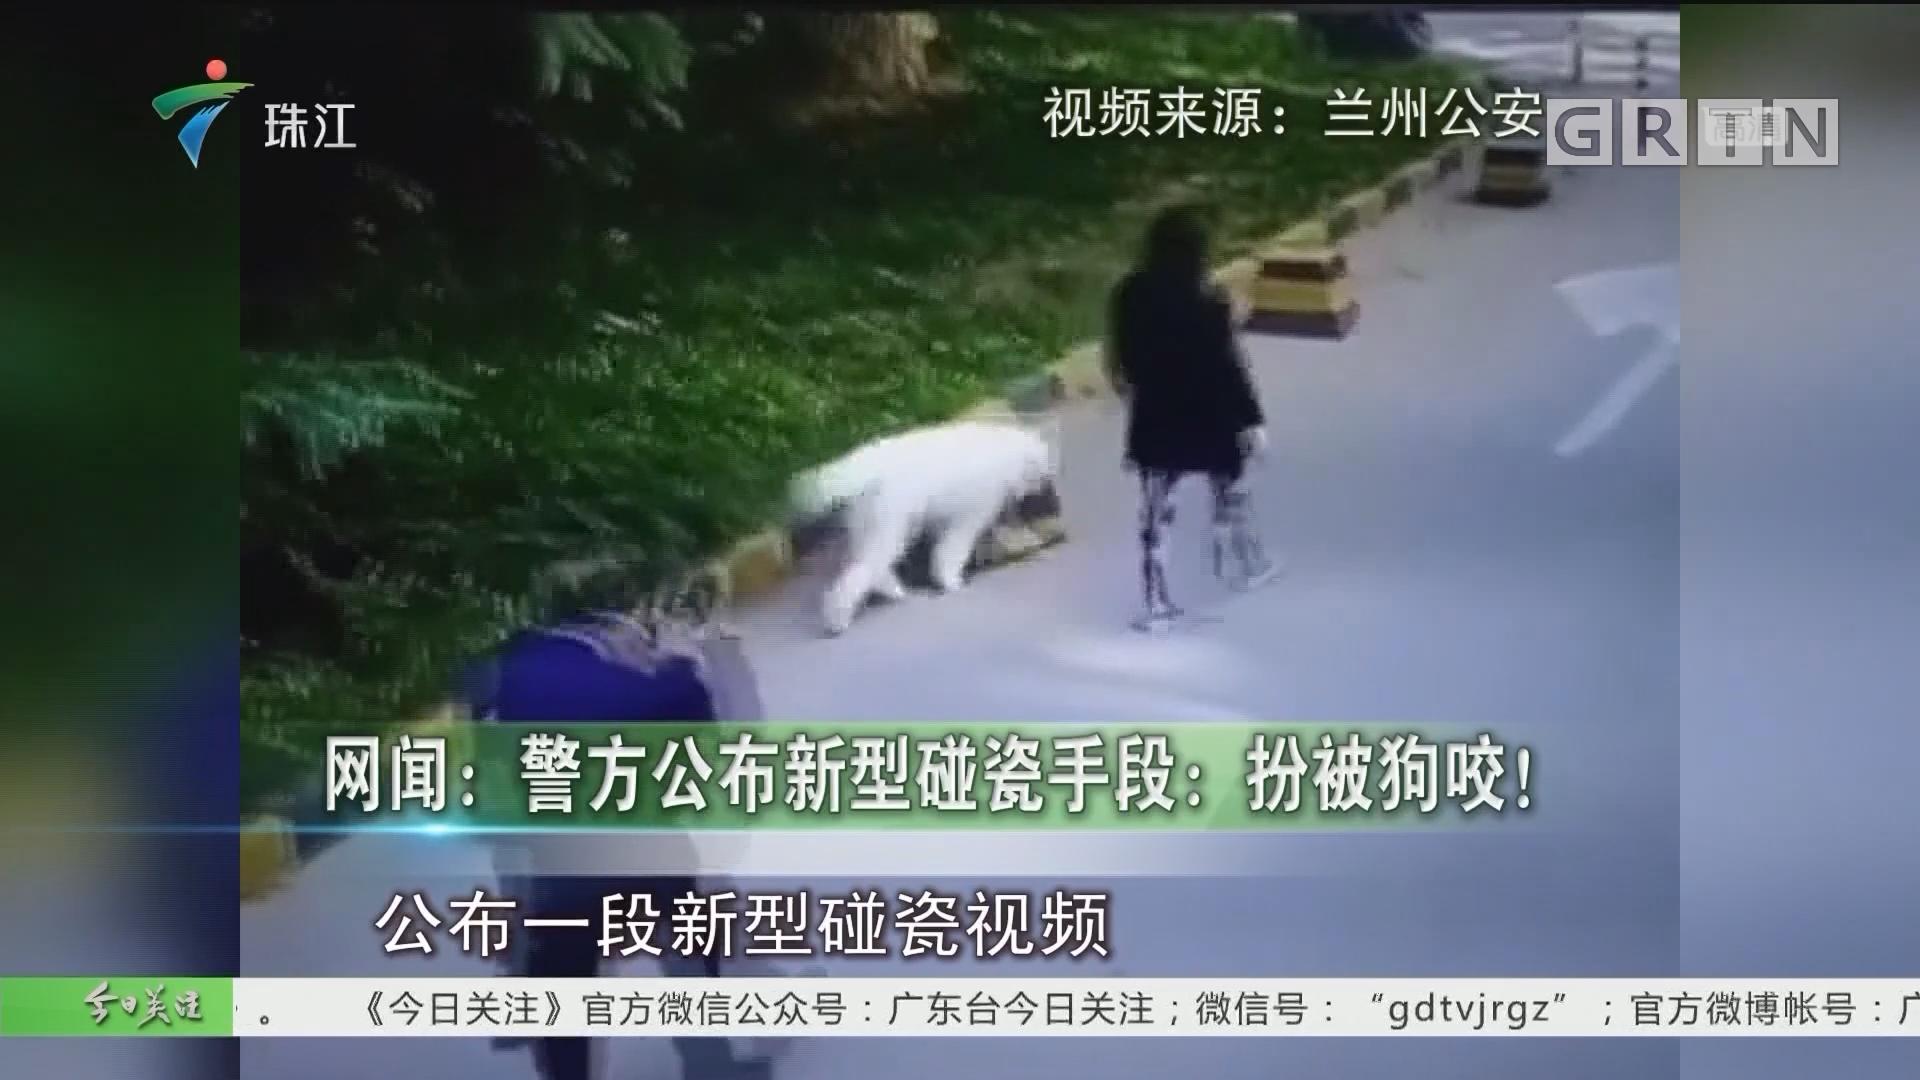 网闻:警方公布新型碰瓷手段:扮被狗咬!